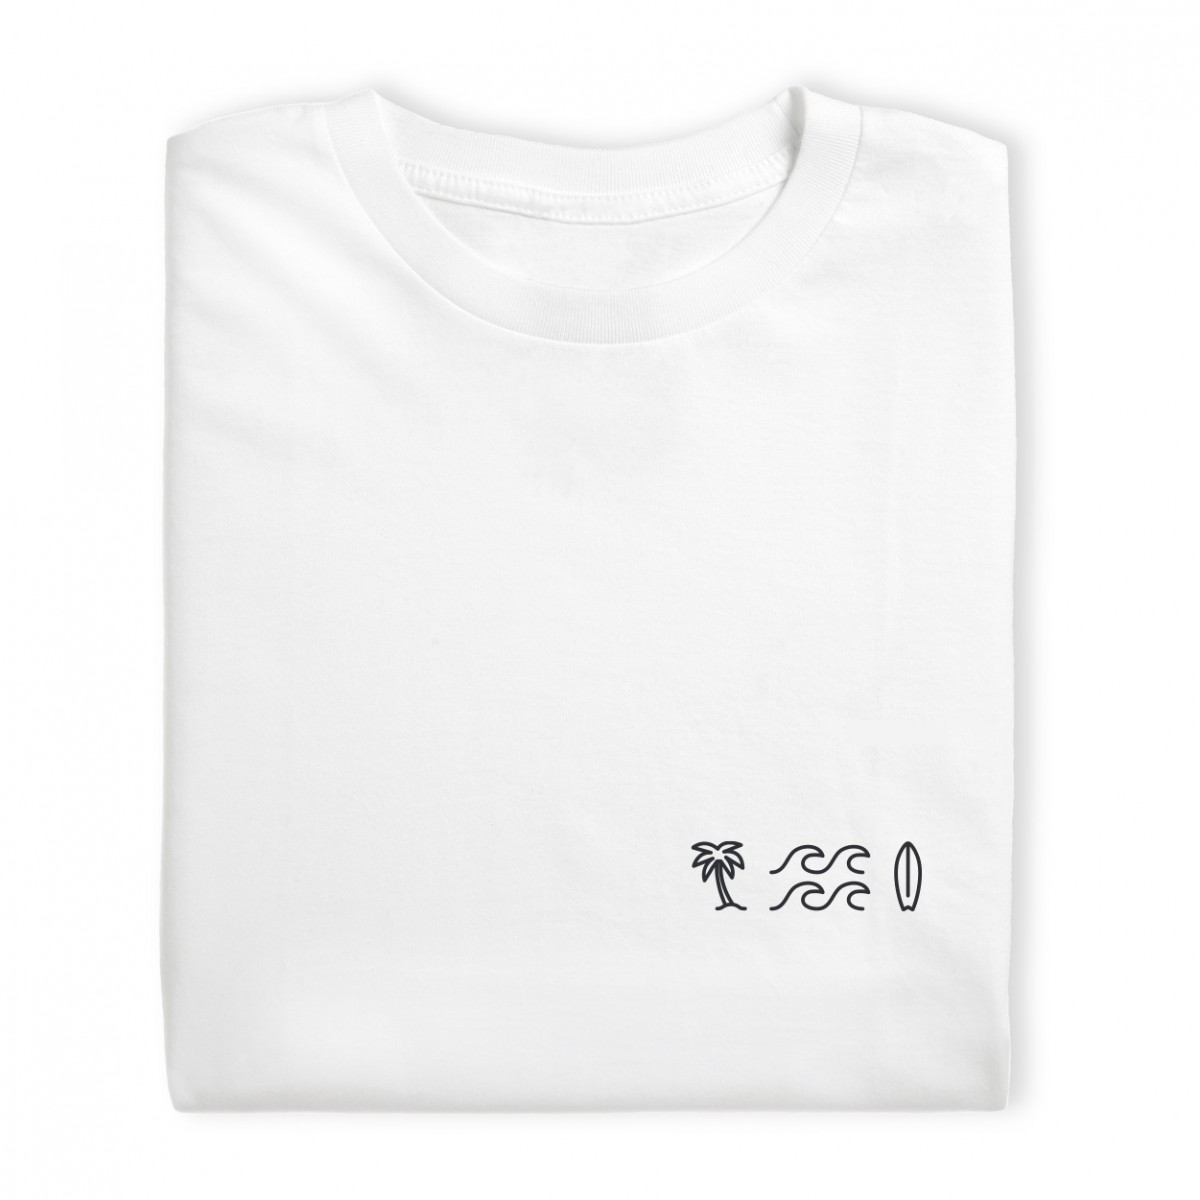 Charles / Shirt Palme, Welle, Surfbrett / 100% Biobaumwolle / Fair Wear zertifiziert